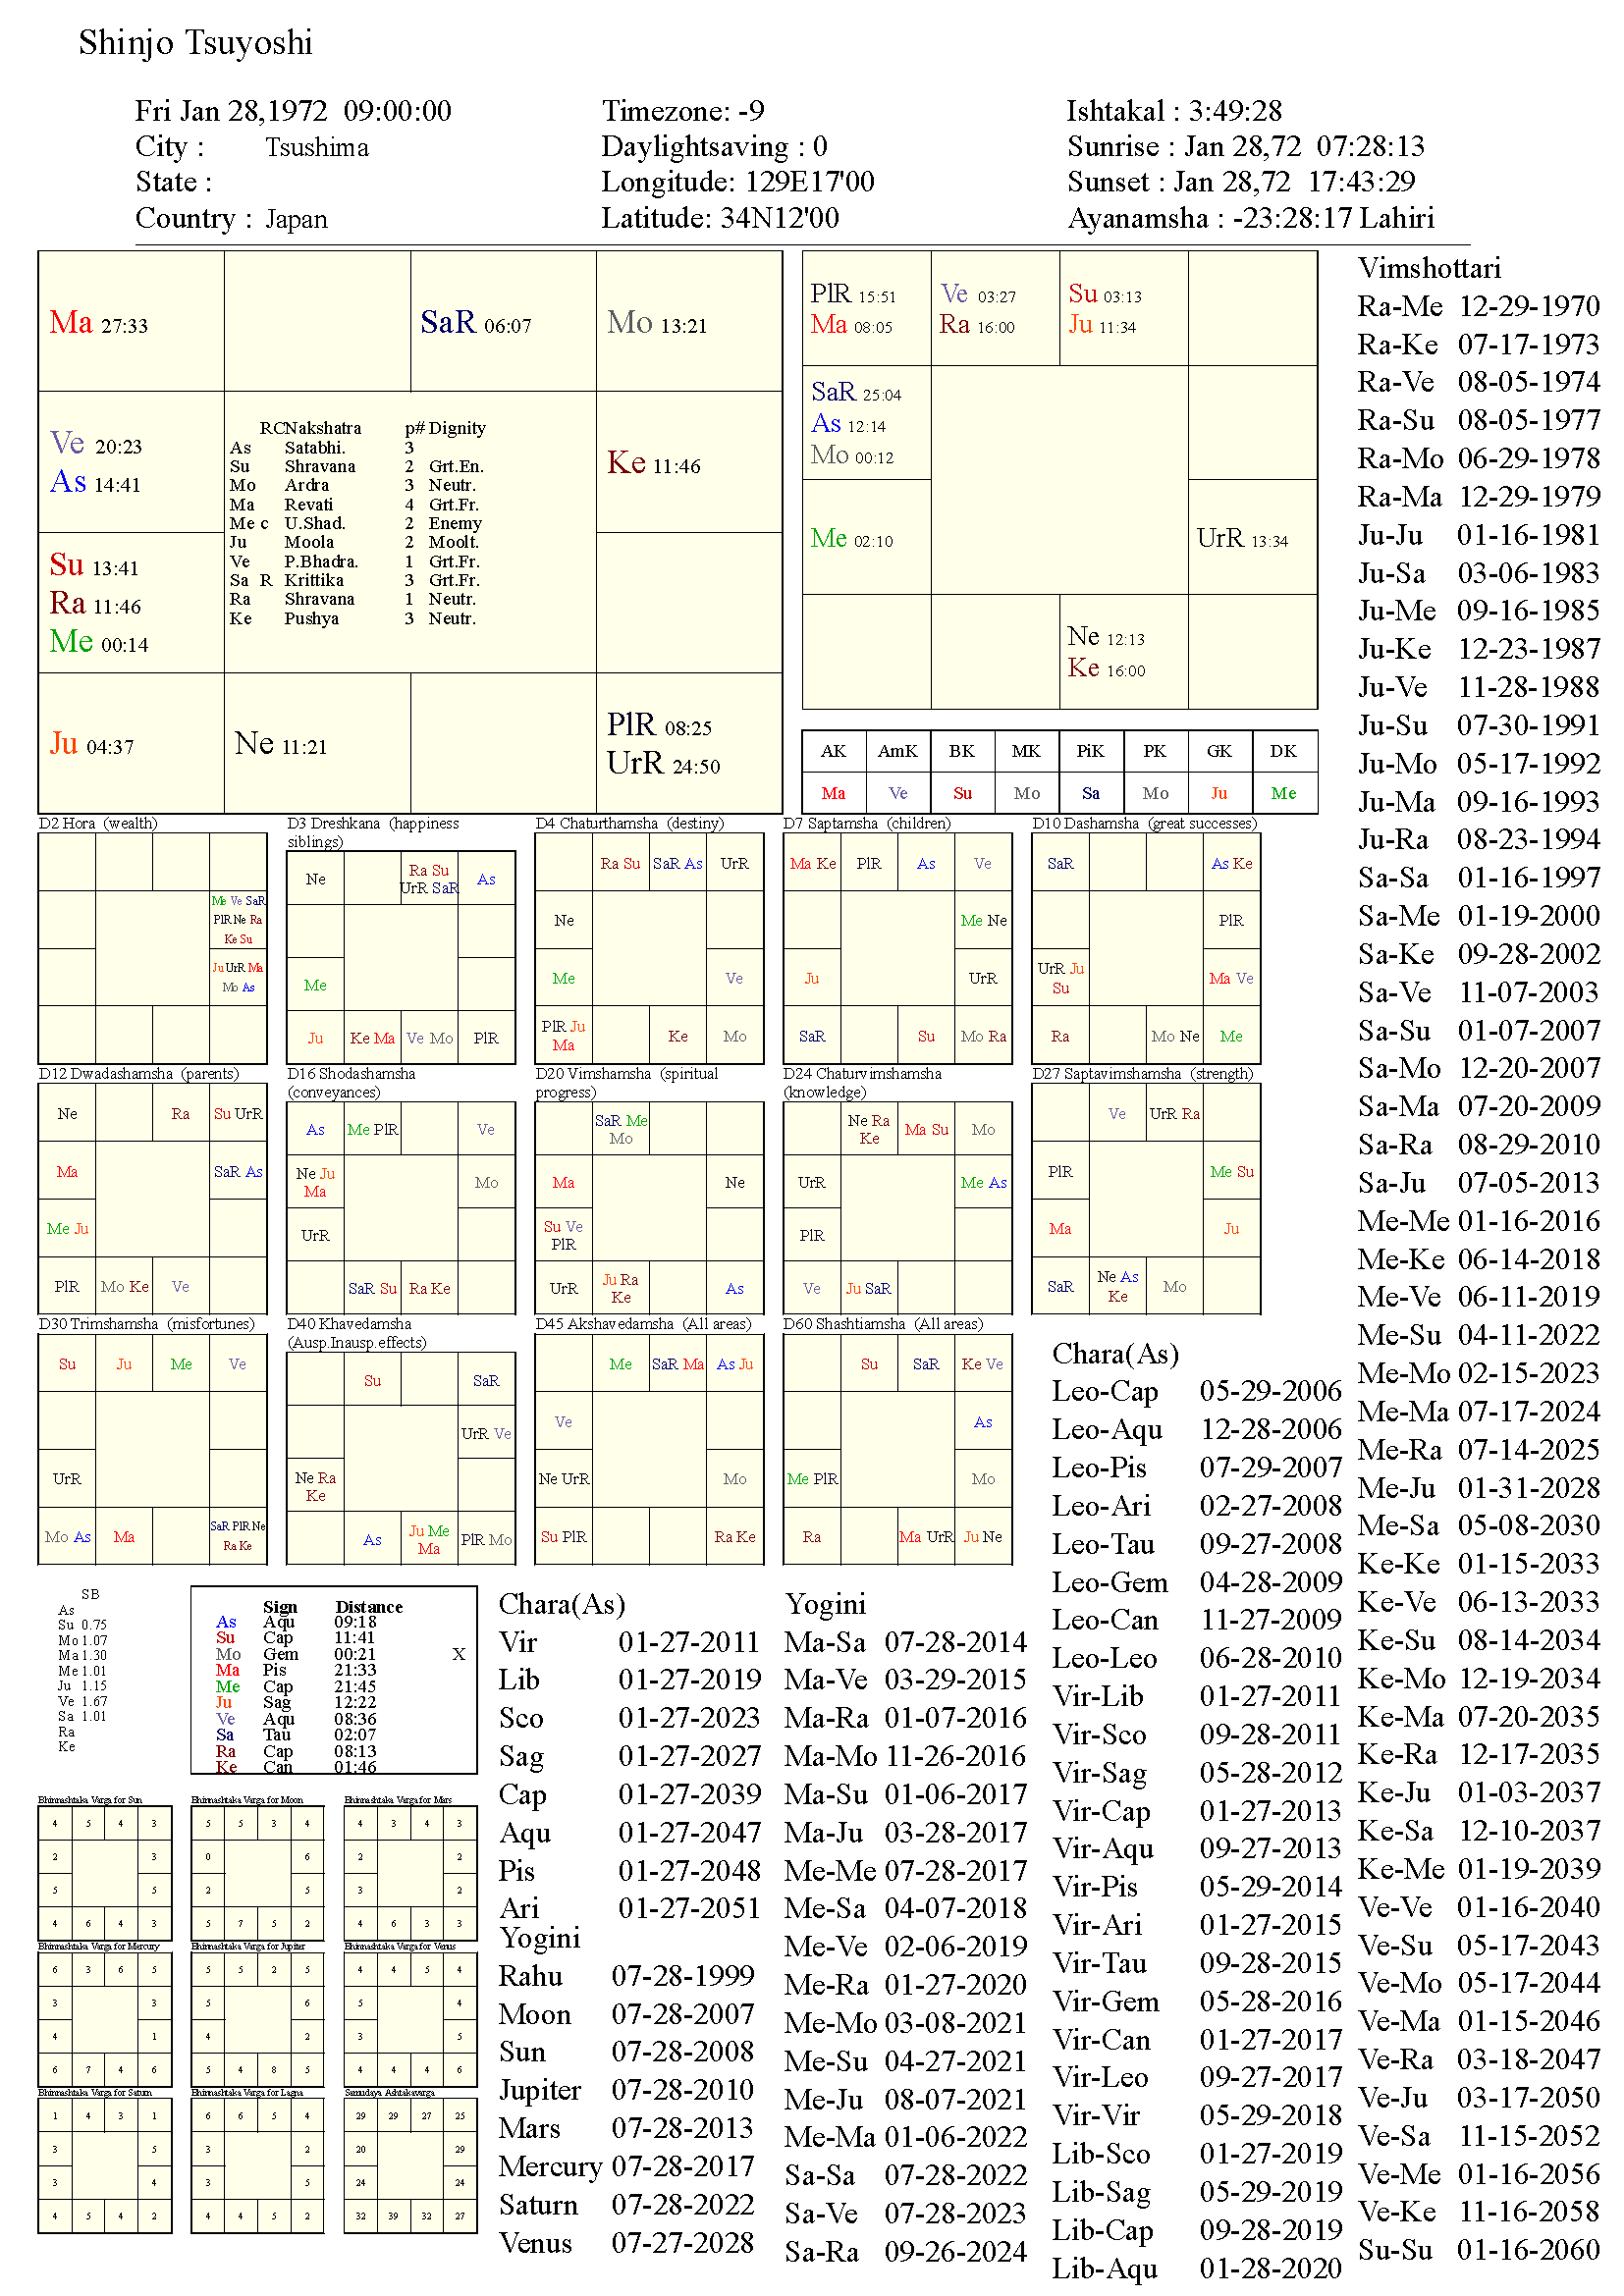 shinjotsuyoshi_chart